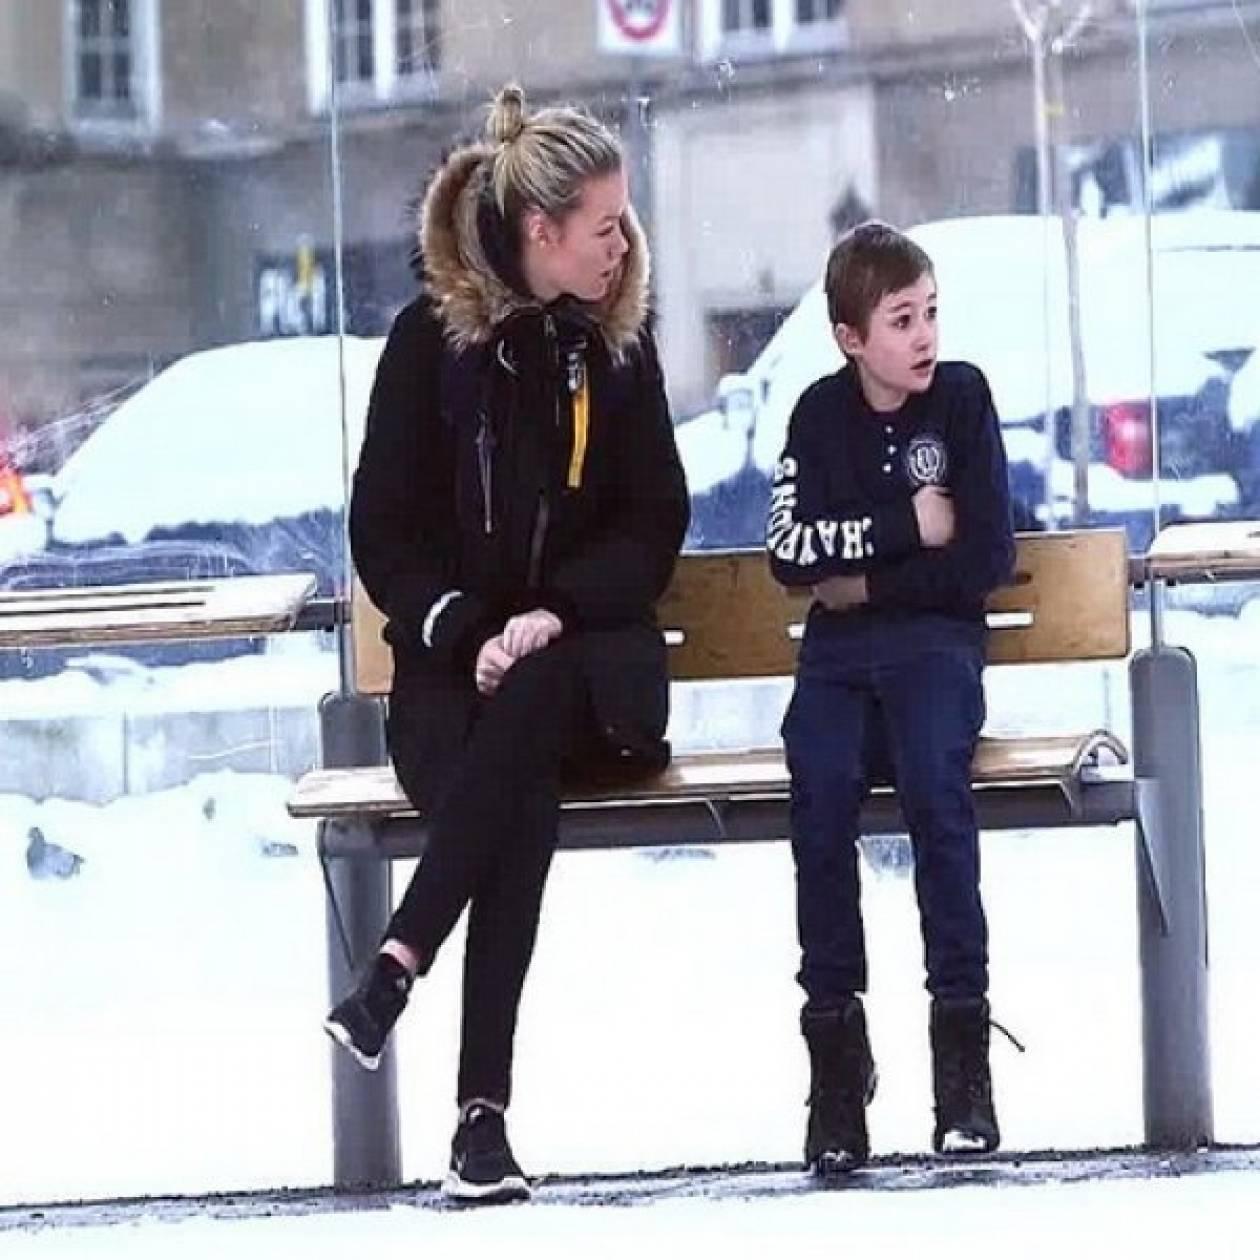 Εσείς τι θα κάνατε αν βλέπατε ένα παιδάκι στο κρύο χωρίς μπουφάν;